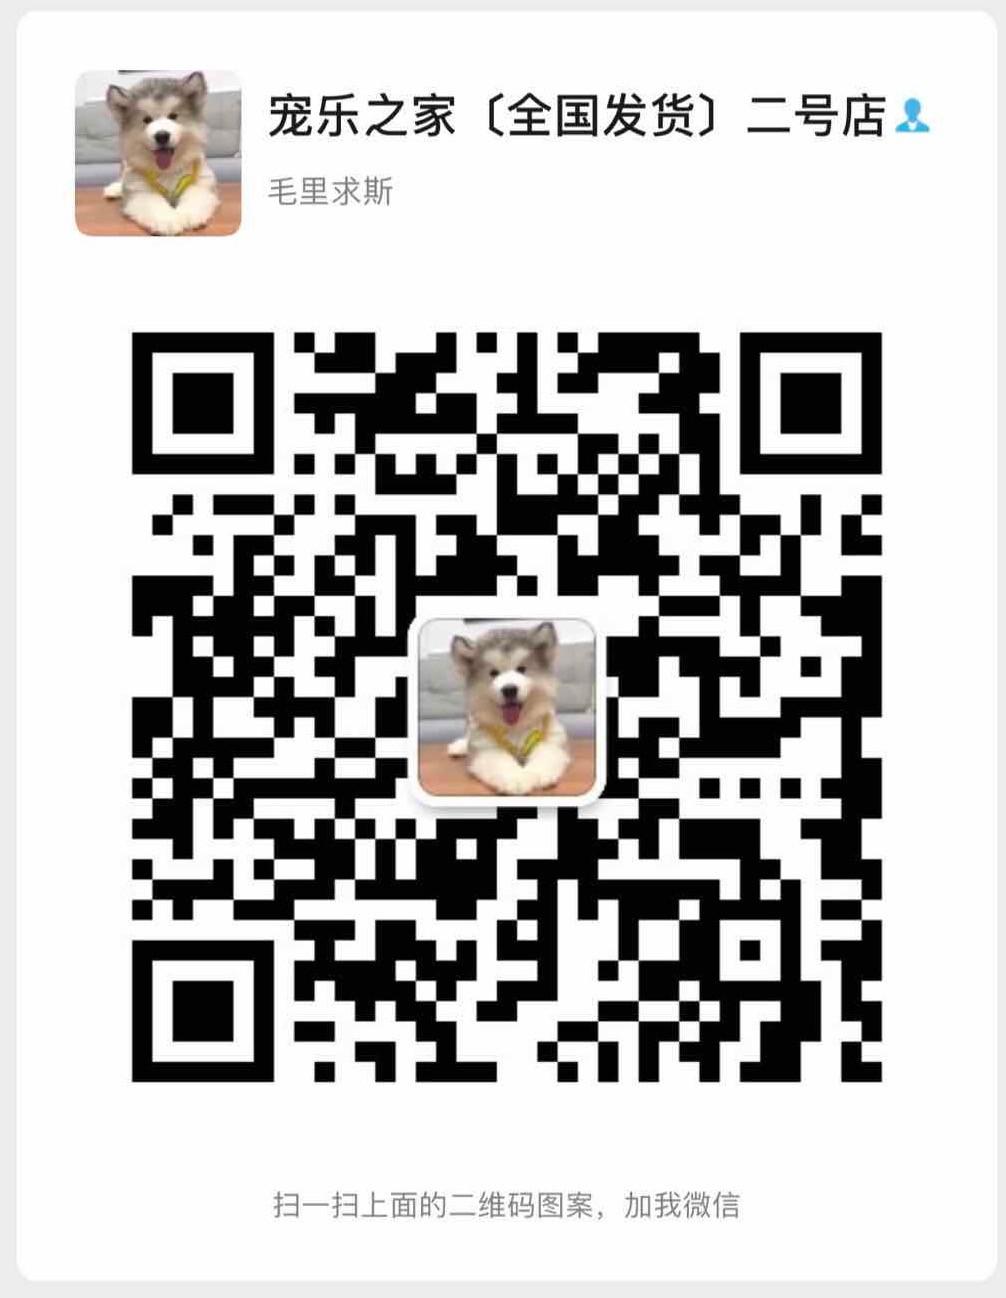 多只优秀品质武汉雪纳瑞出售 支持上门看狗也可视频5